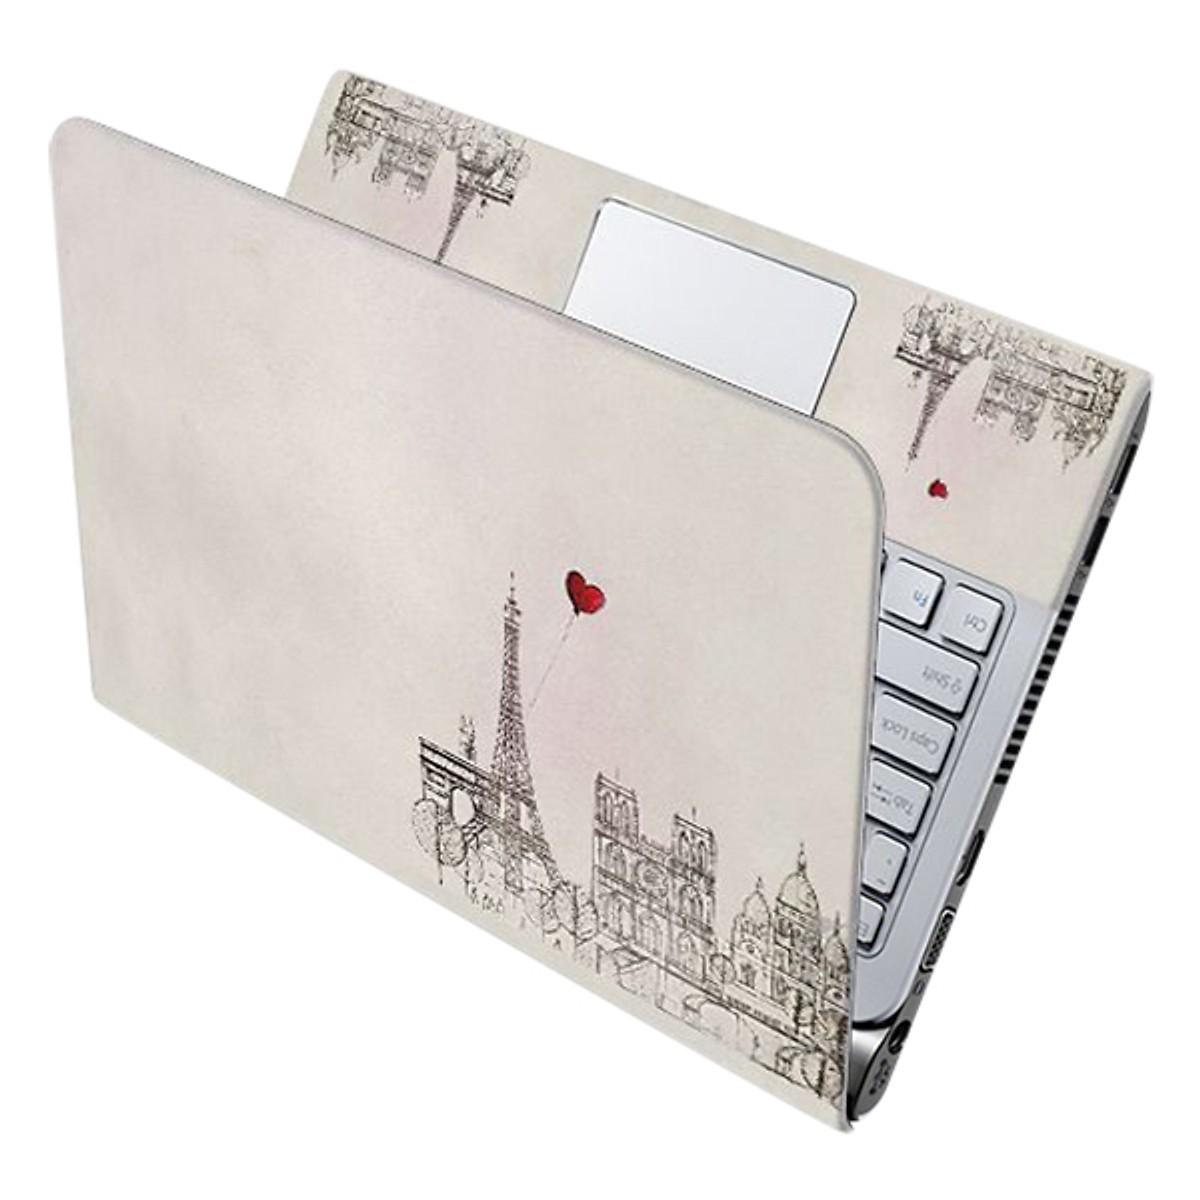 Mẫu Dán Decal Nghệ Thuật Cho Laptop LTNT-349 cỡ 13 inch